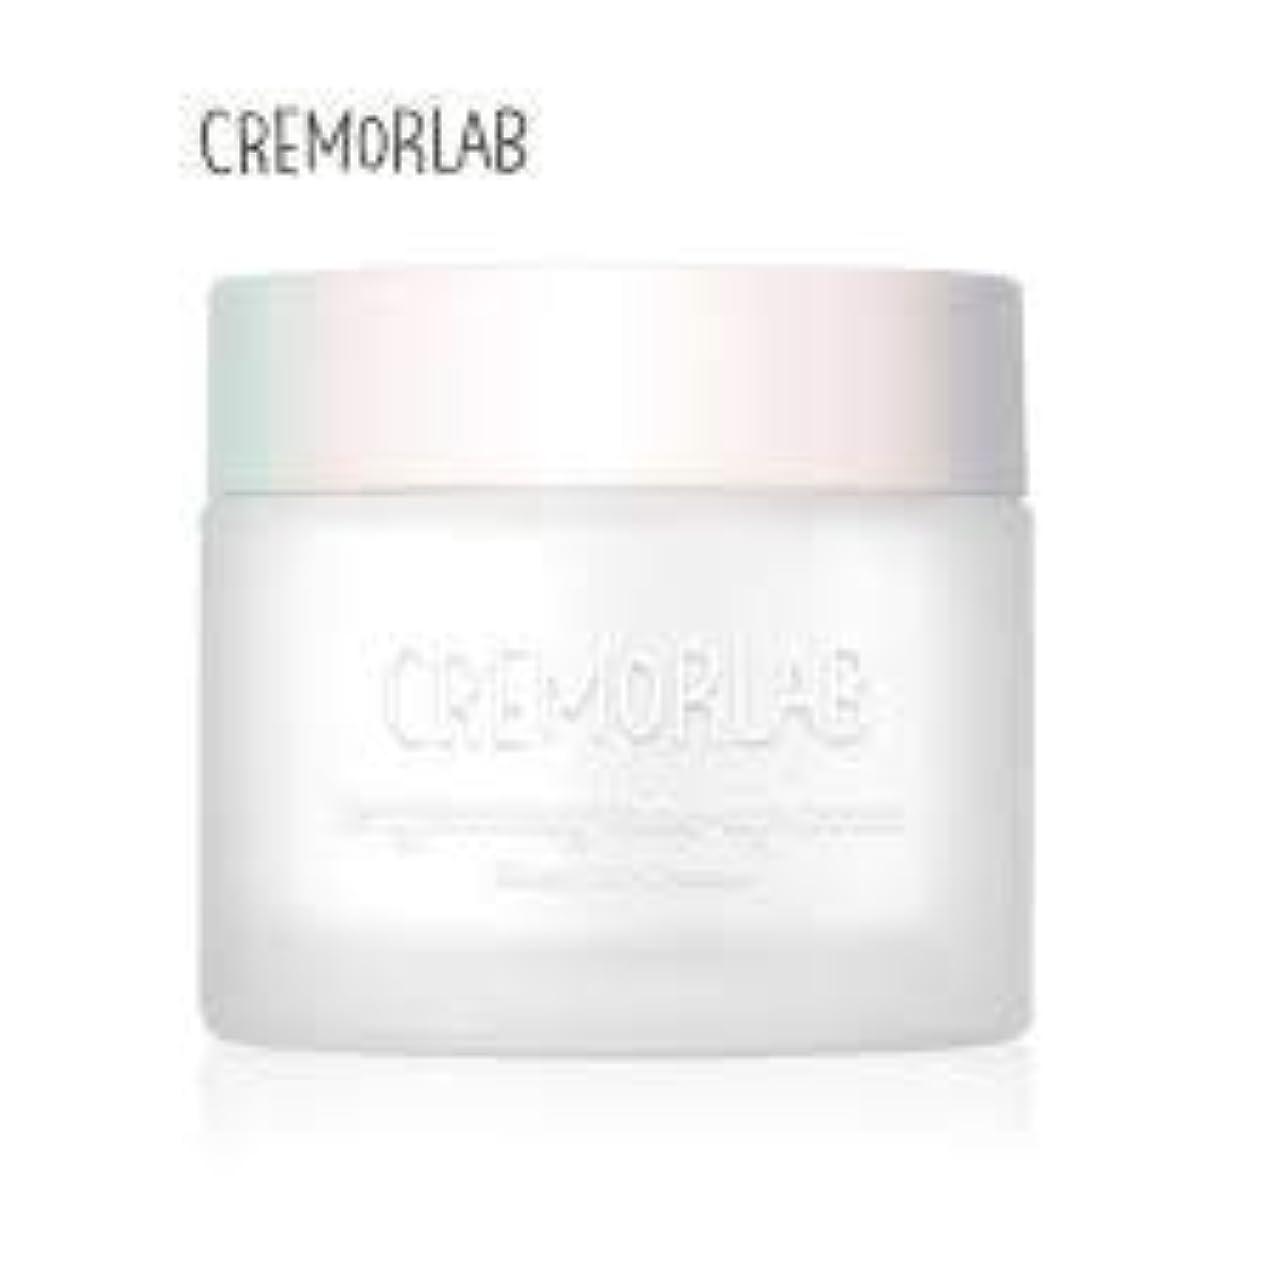 夫教室傷つきやすいCREMORLAB ブランドクレマーブライトニングクリーム50ml - 肌のトーンを洗練させ、透明度を高め、肌の色を明るくします。